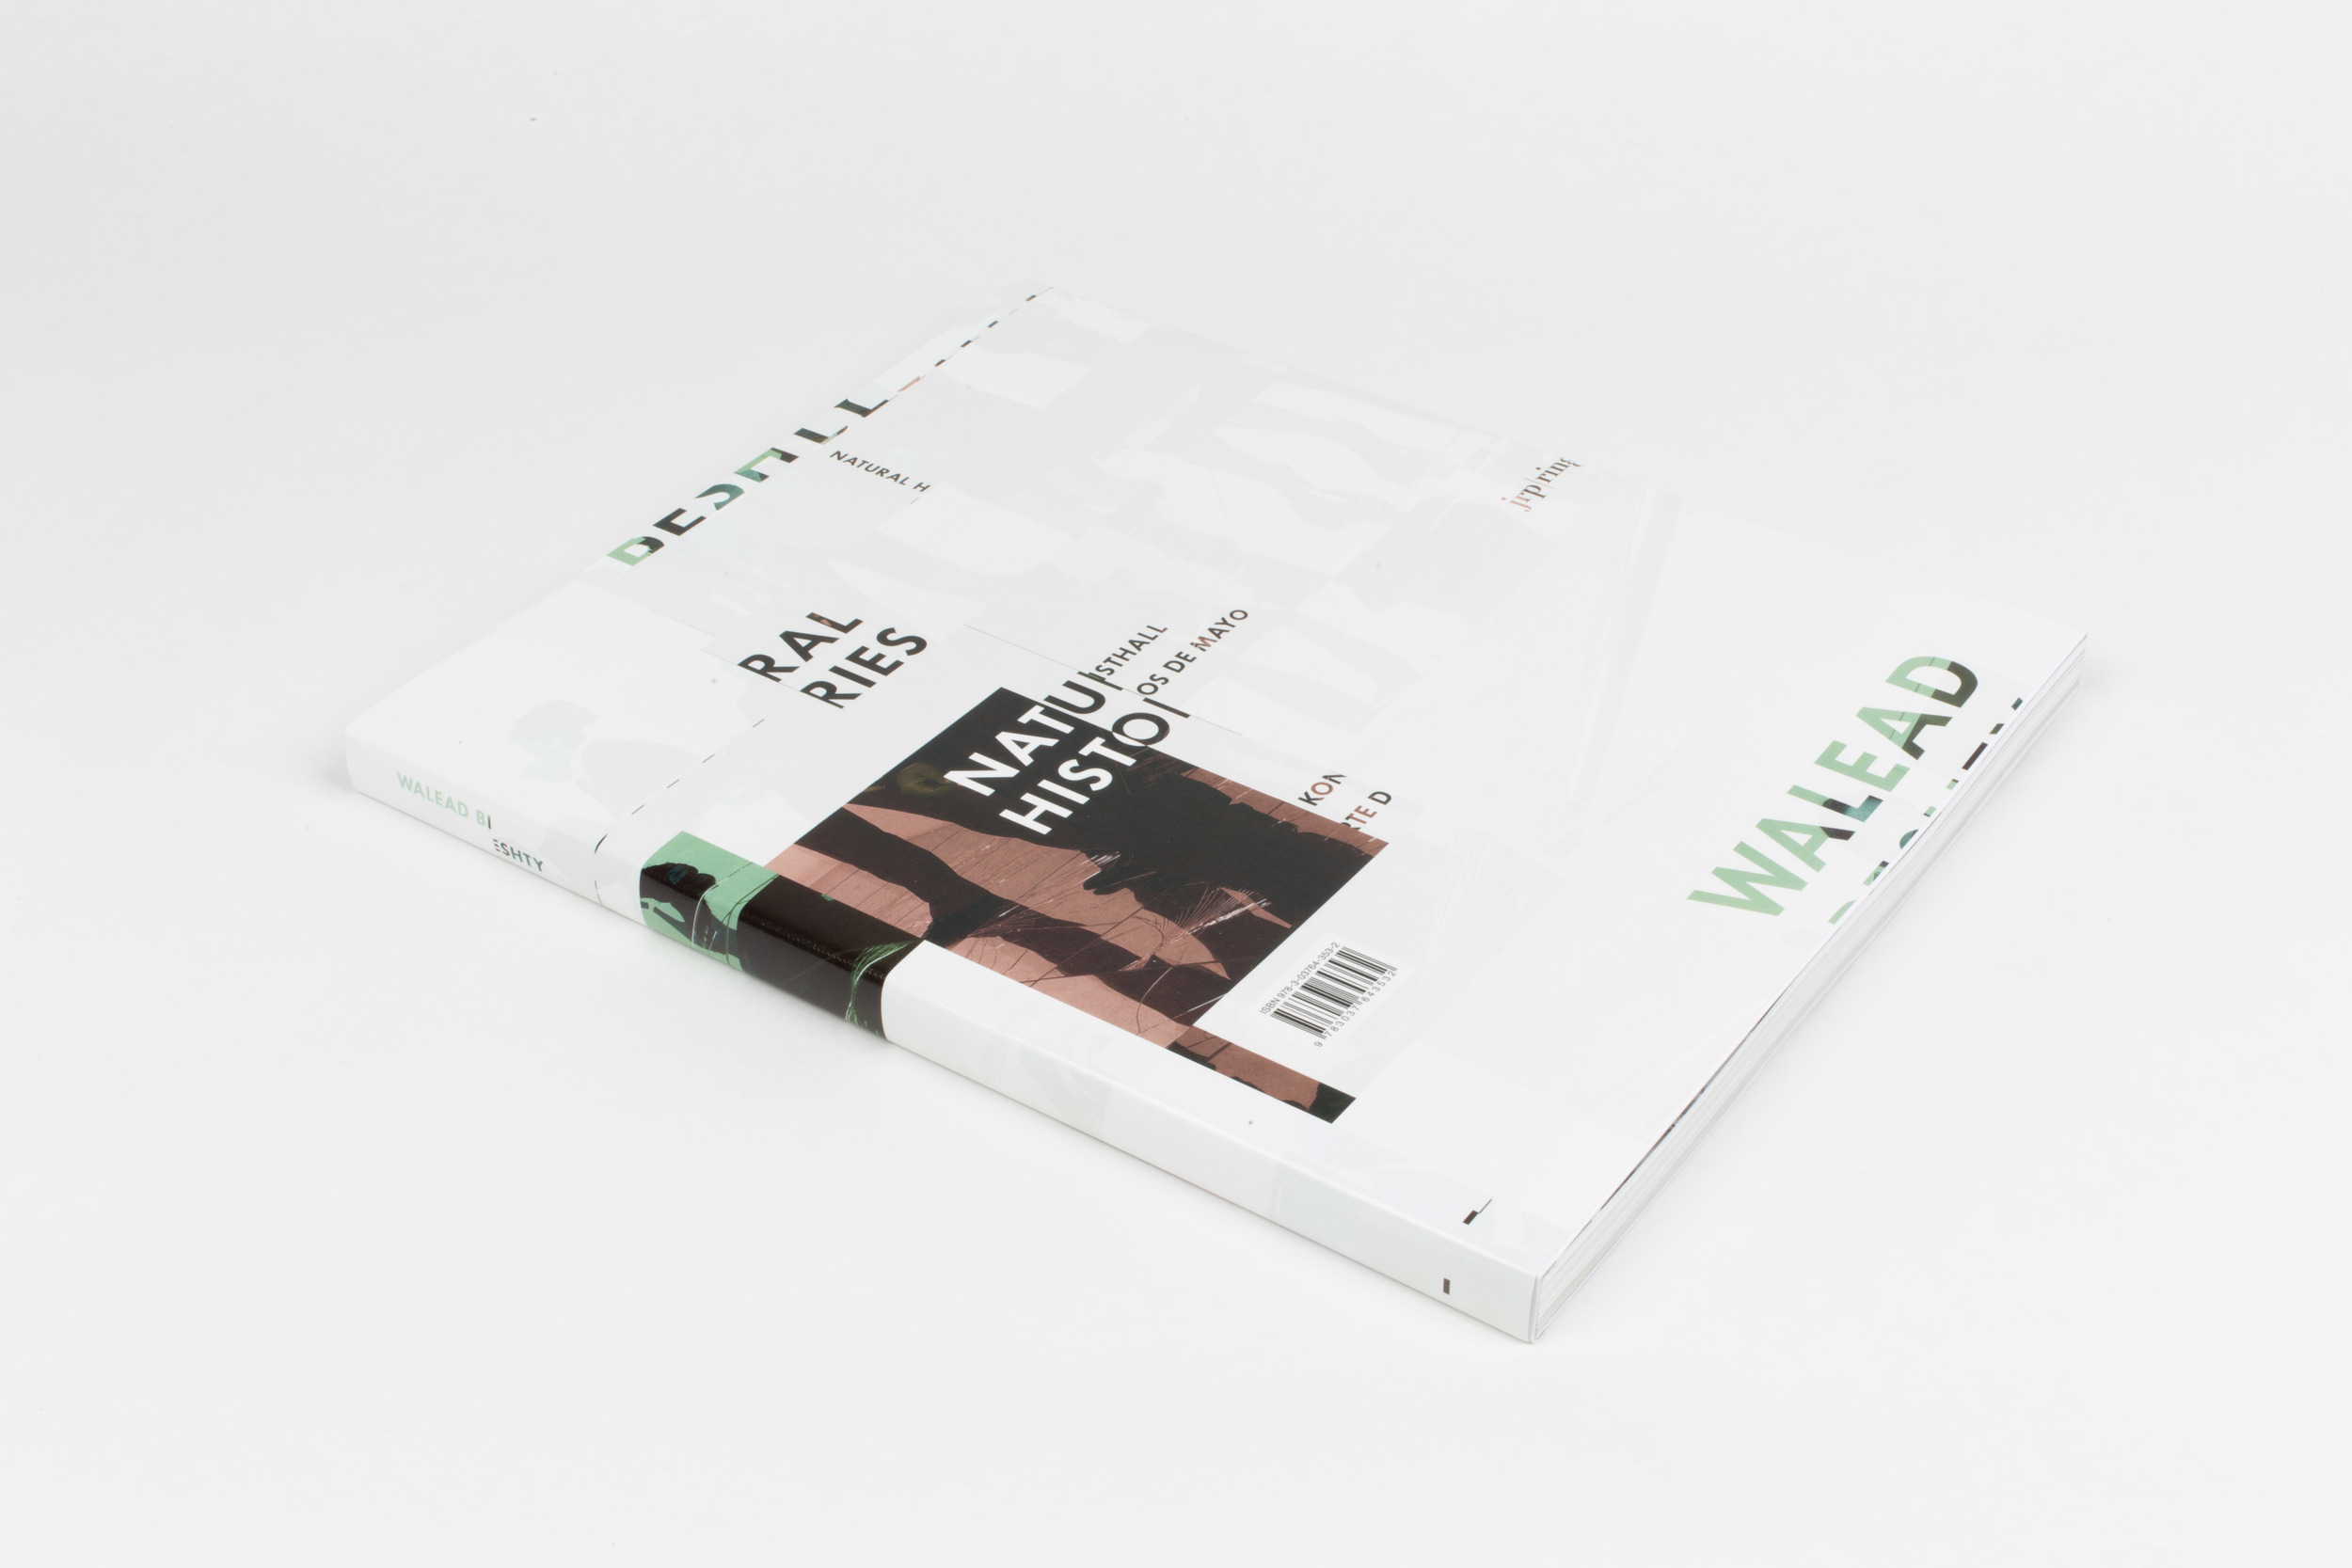 Walead Beshty: Natural Histories,  2nd ed. (Zurich, Switzerland: JRP Ringier, 2014).